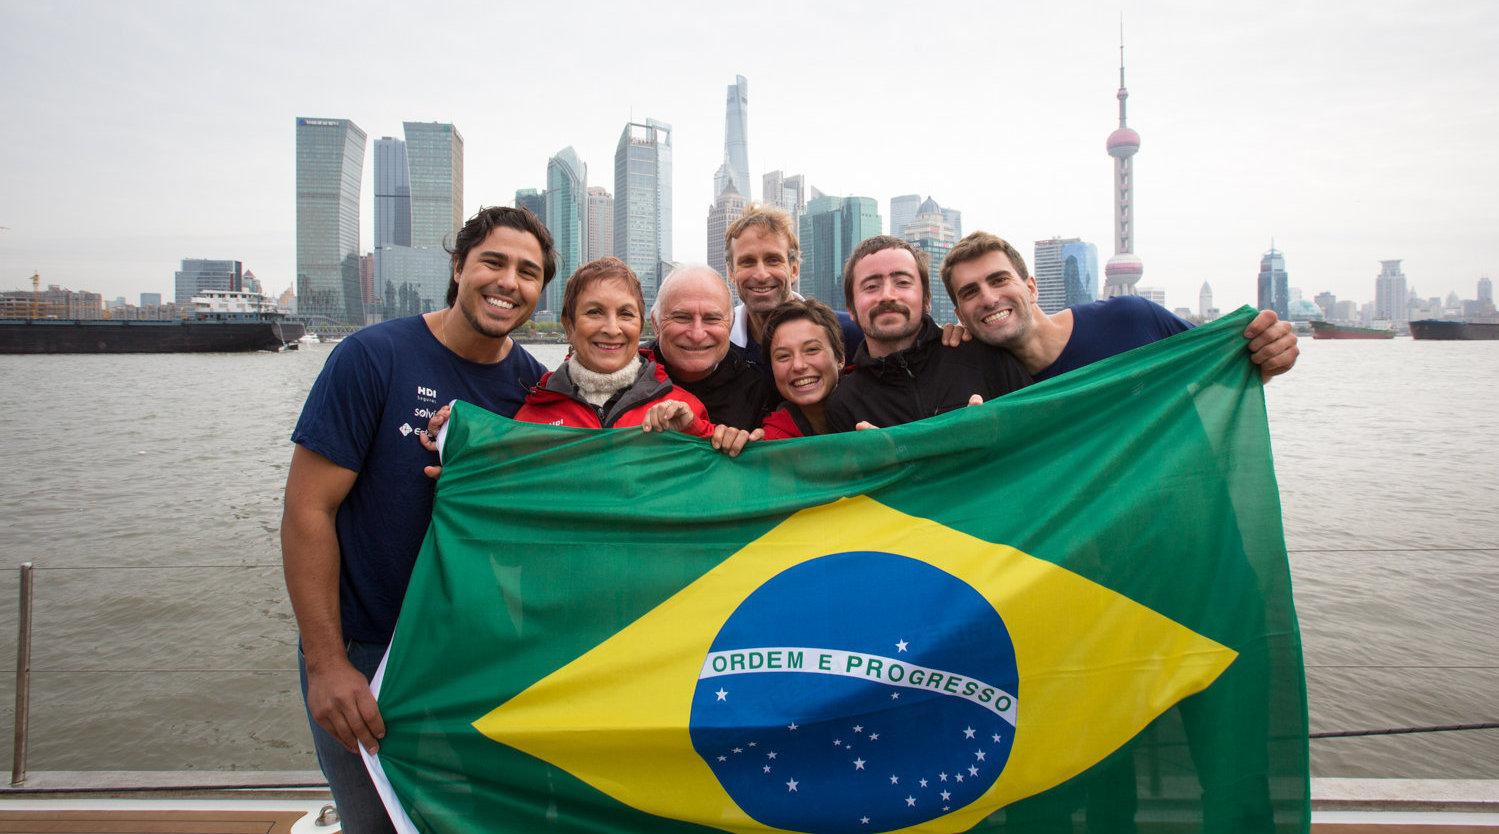 Tripulação comemora a chegada em Xangai